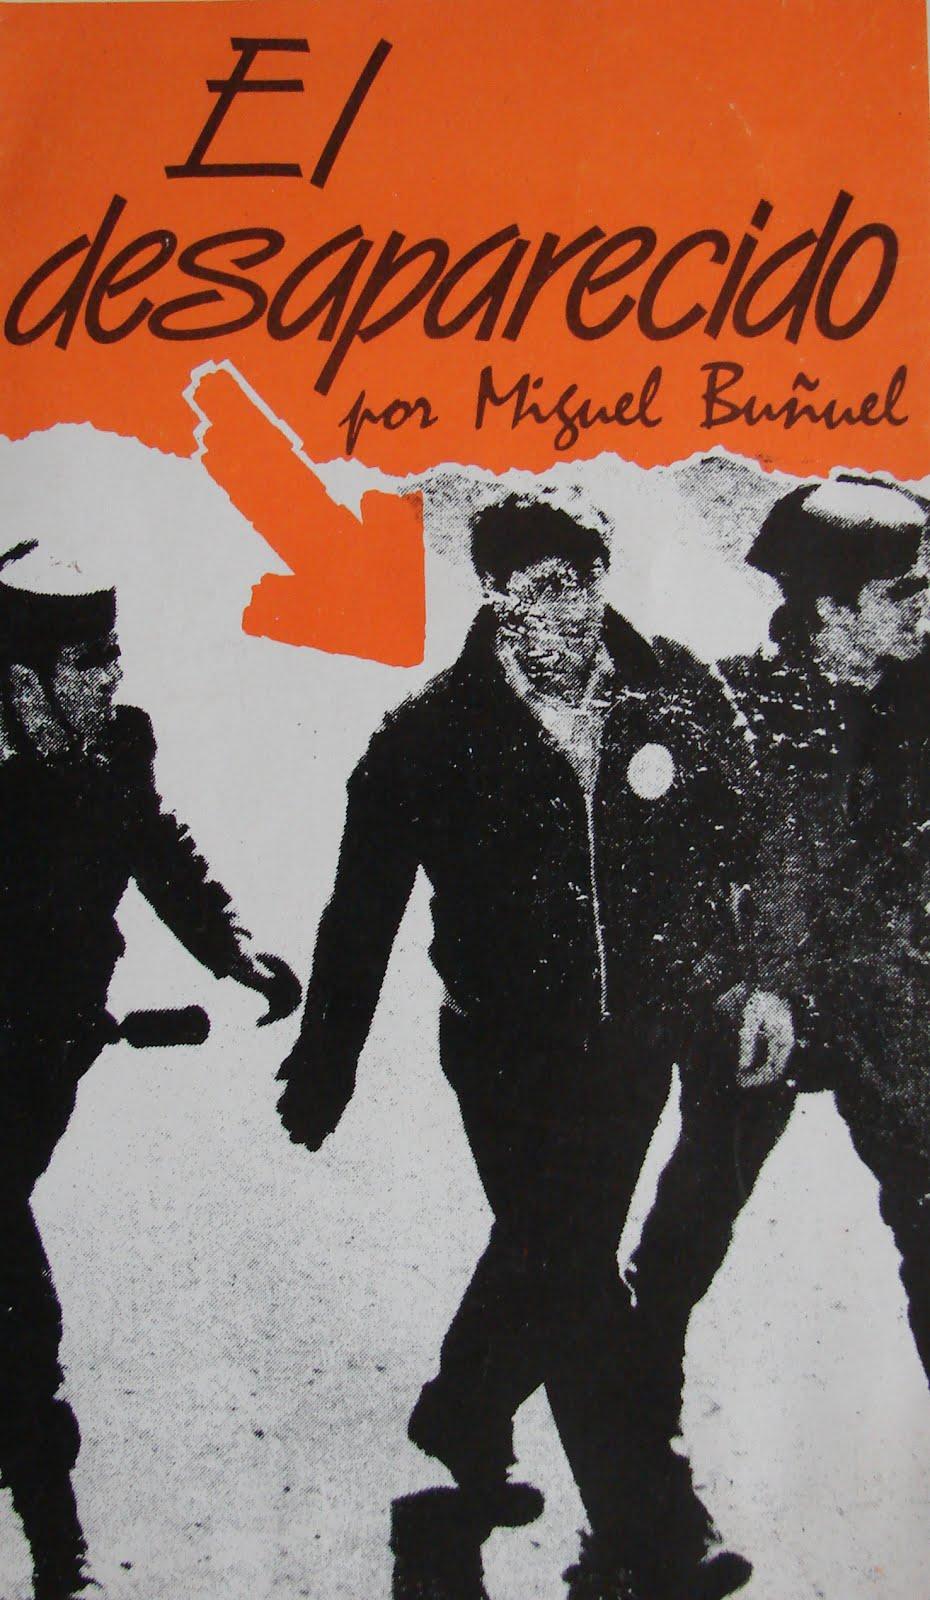 El DESAPARECIDO por Miguel Buñuel